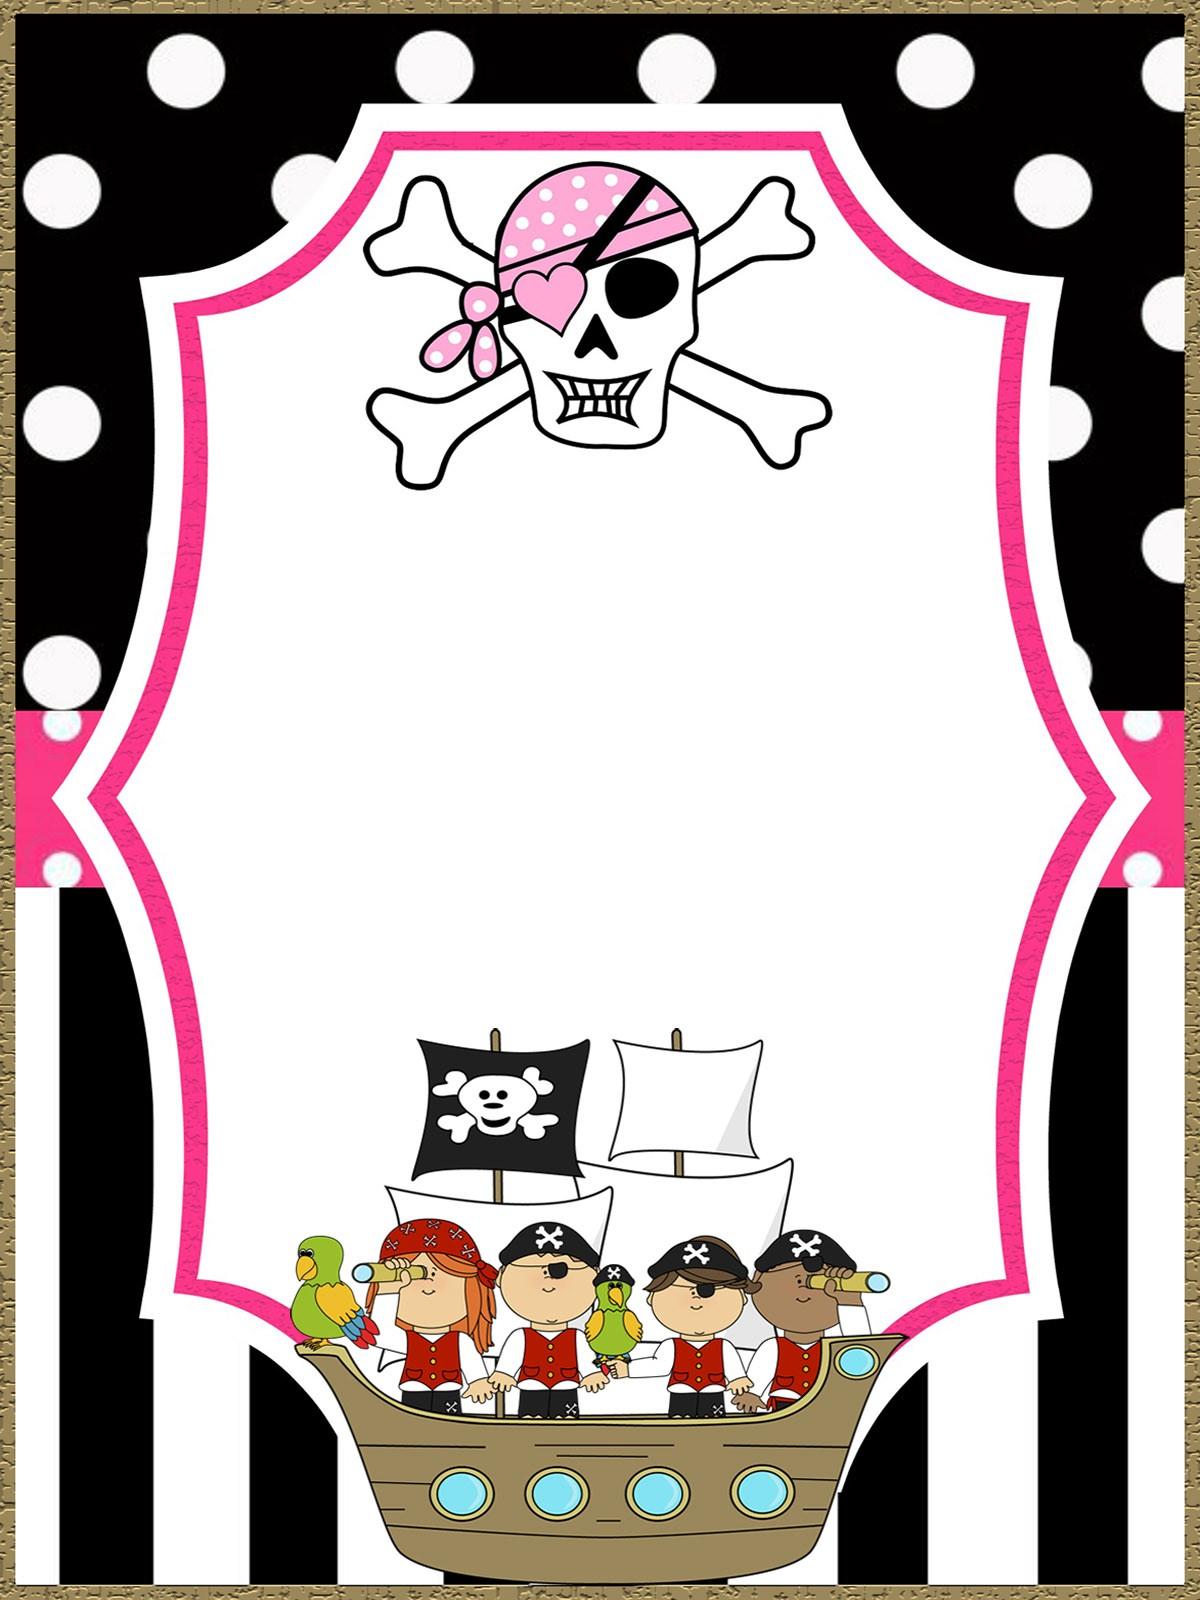 регуляторами температуры фотогалерея пригласительных на пиратскую вечеринку партнера, ухаживания размножение